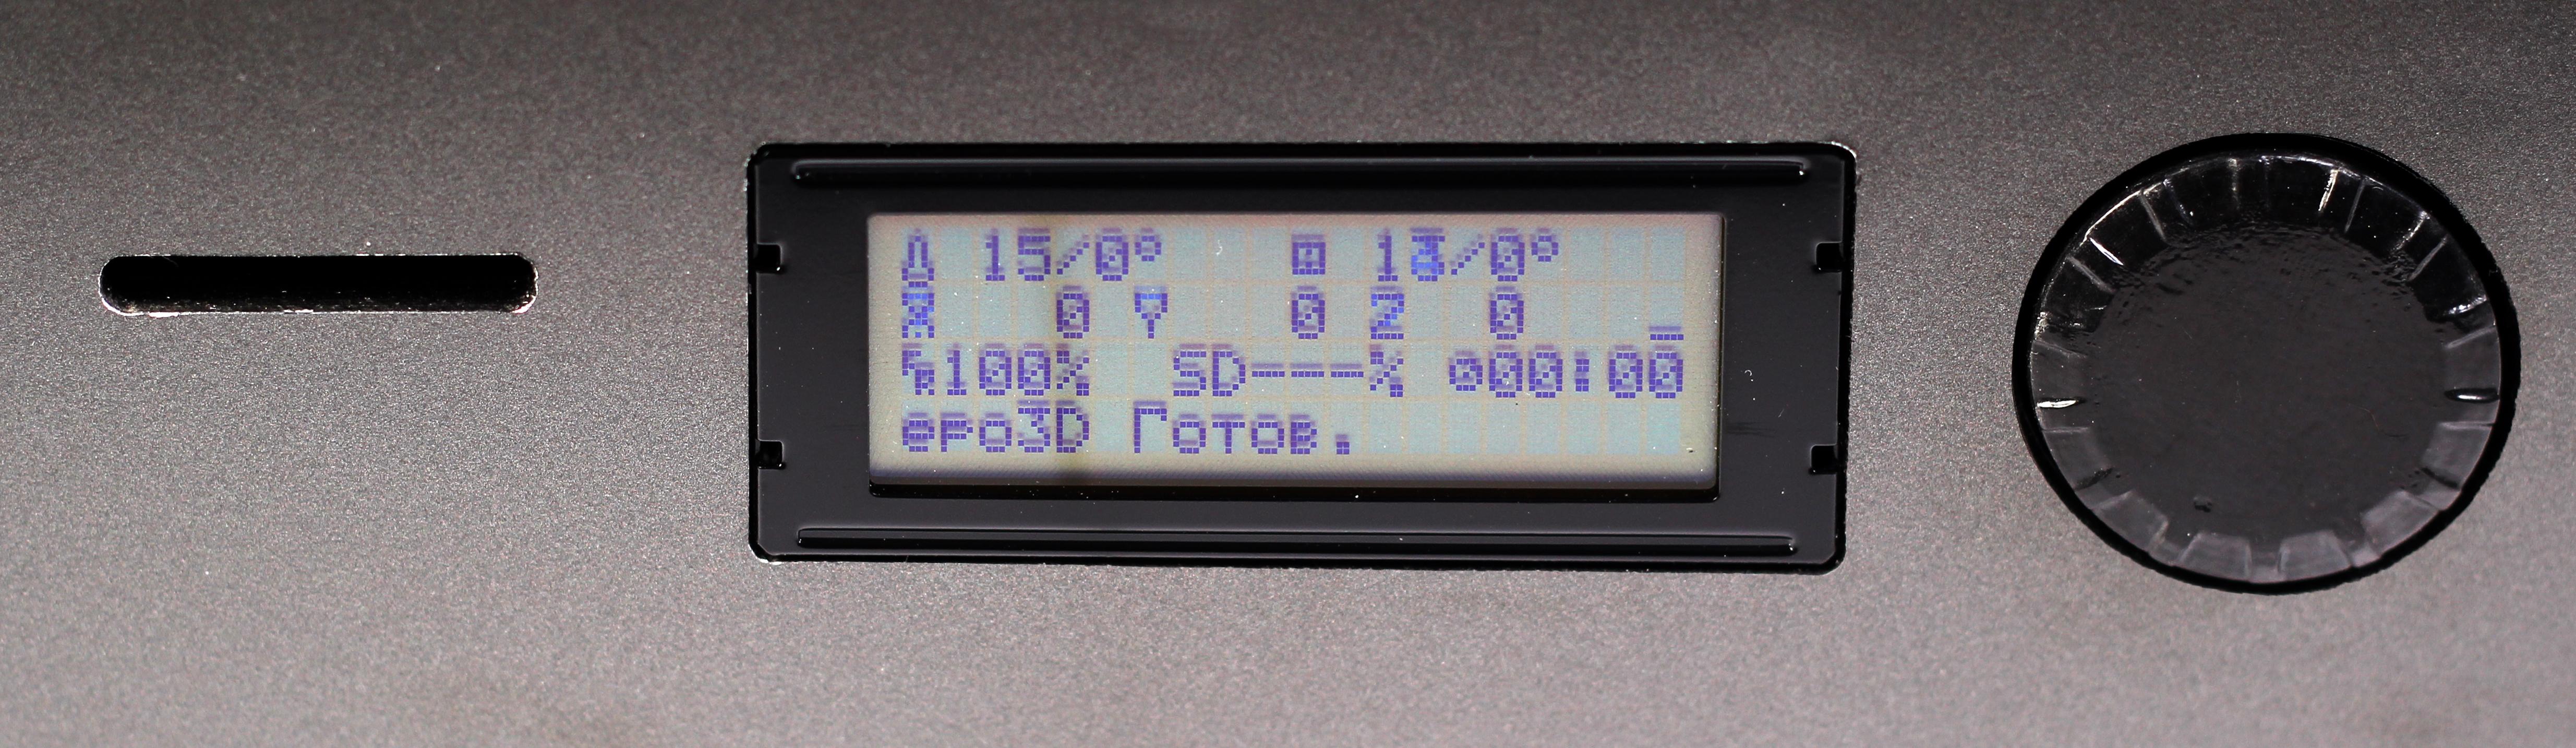 display epo3d+